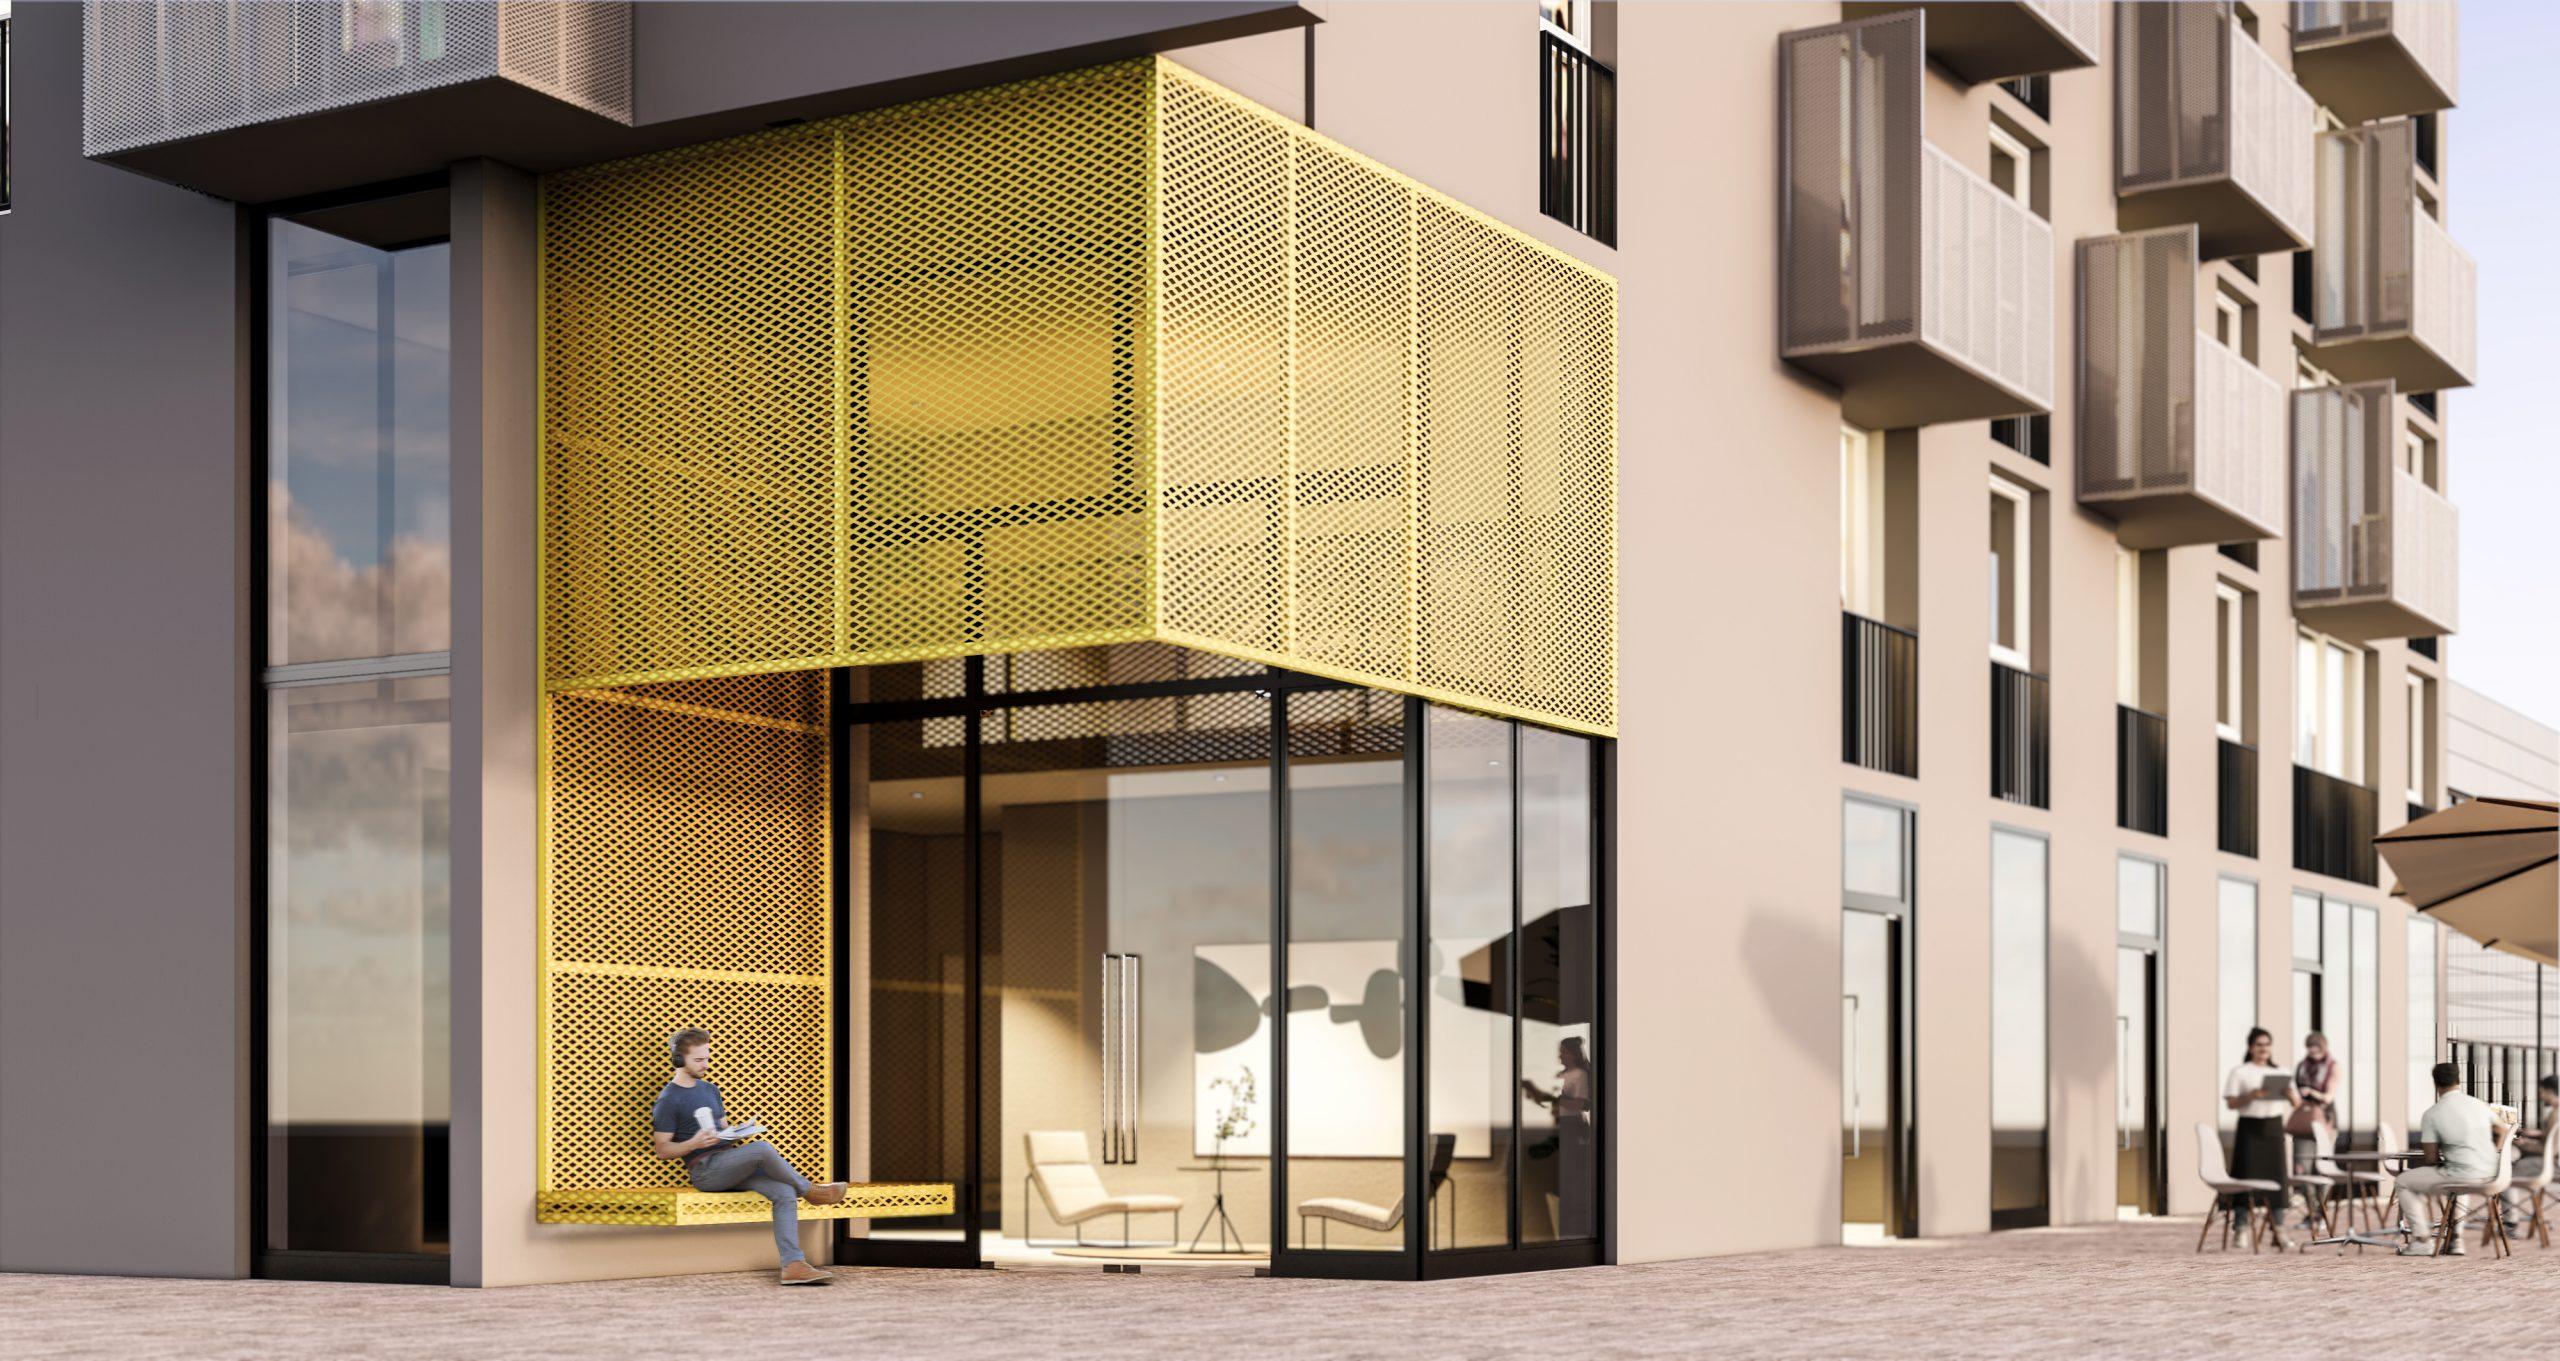 Espacios para el e-commerce en edificios